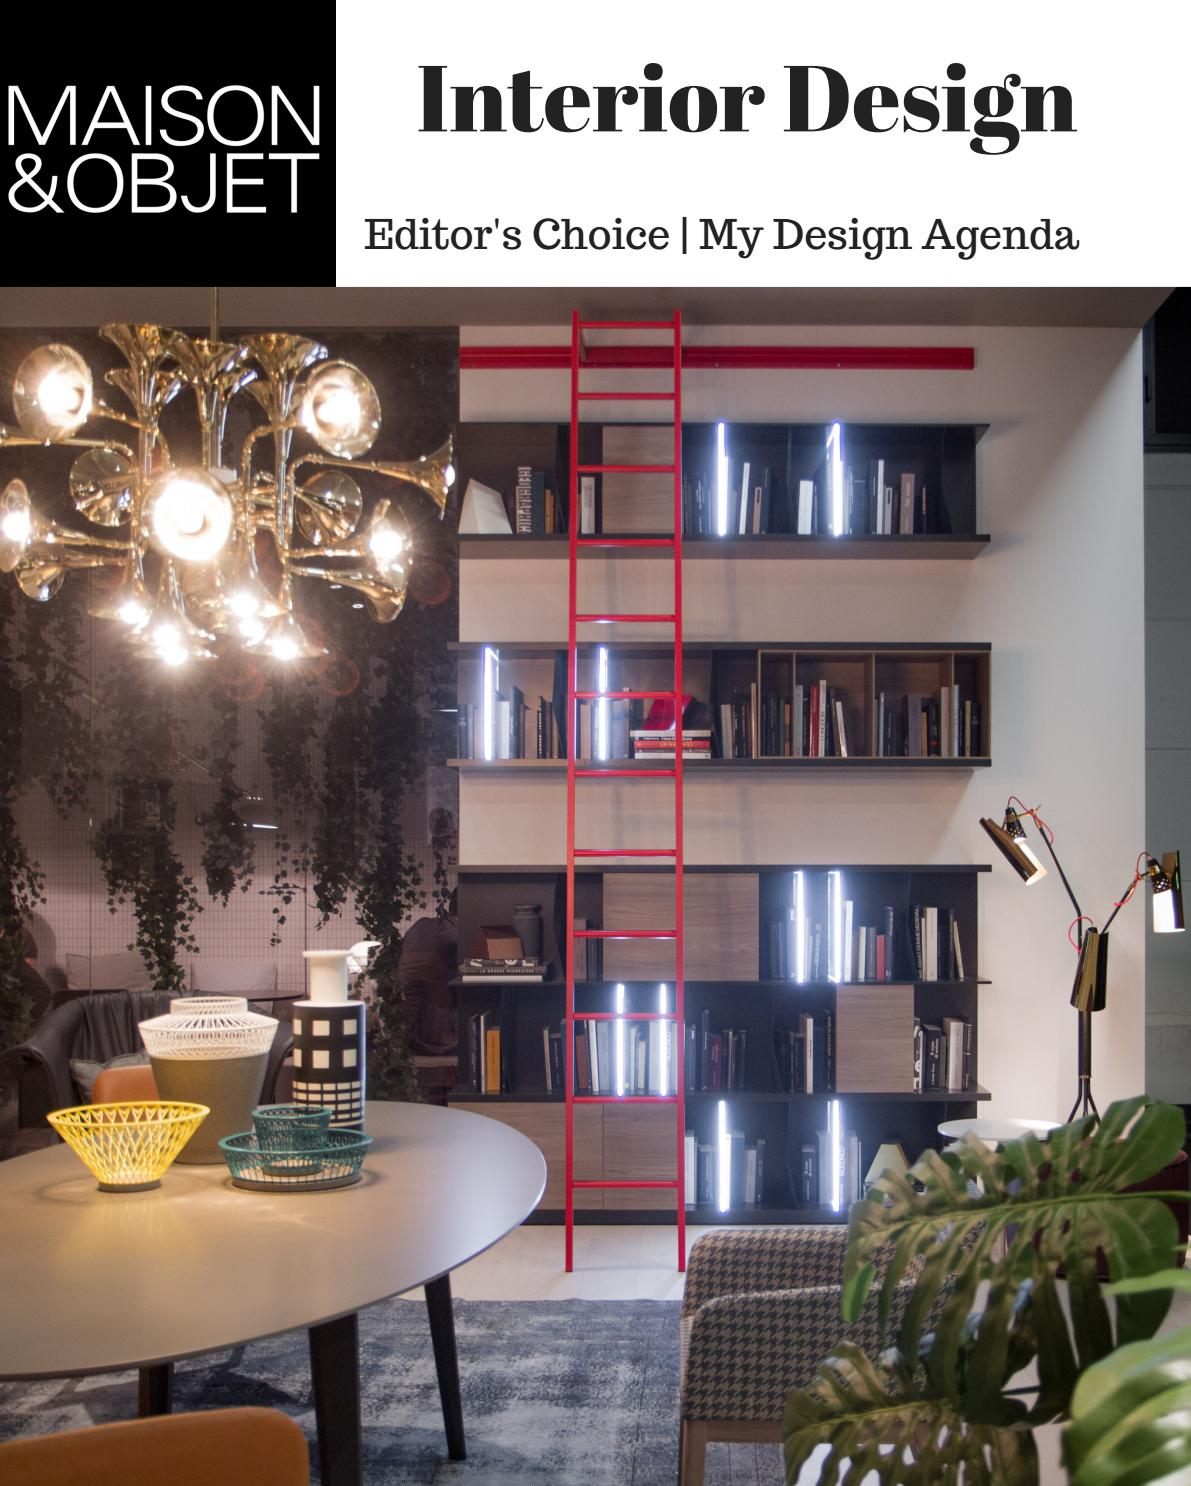 Tabouret Tam Tam Original editor's choice my design agenda   interior designhome